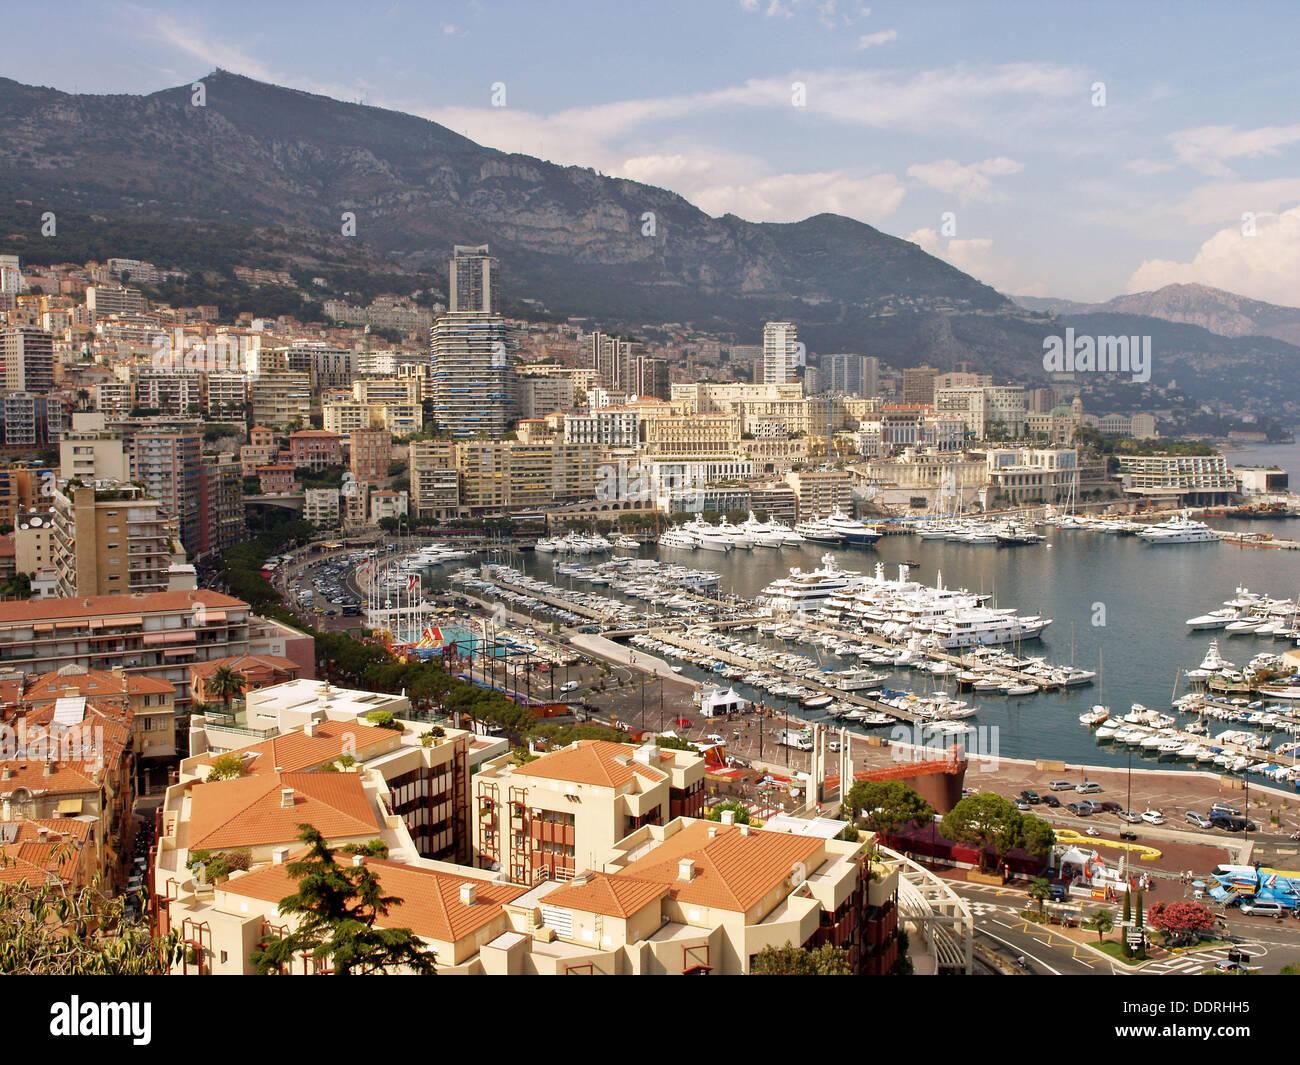 La Condamine y Port Hercule, Mónaco. - Stock Image